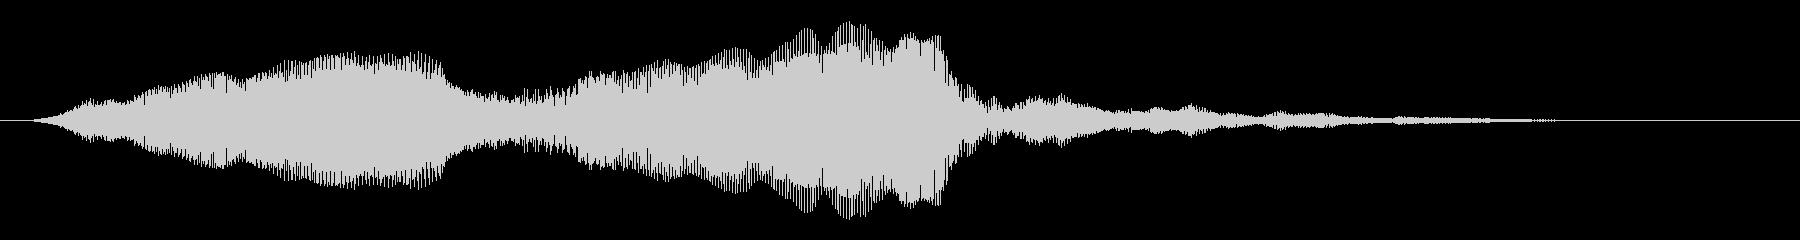 起動音の未再生の波形